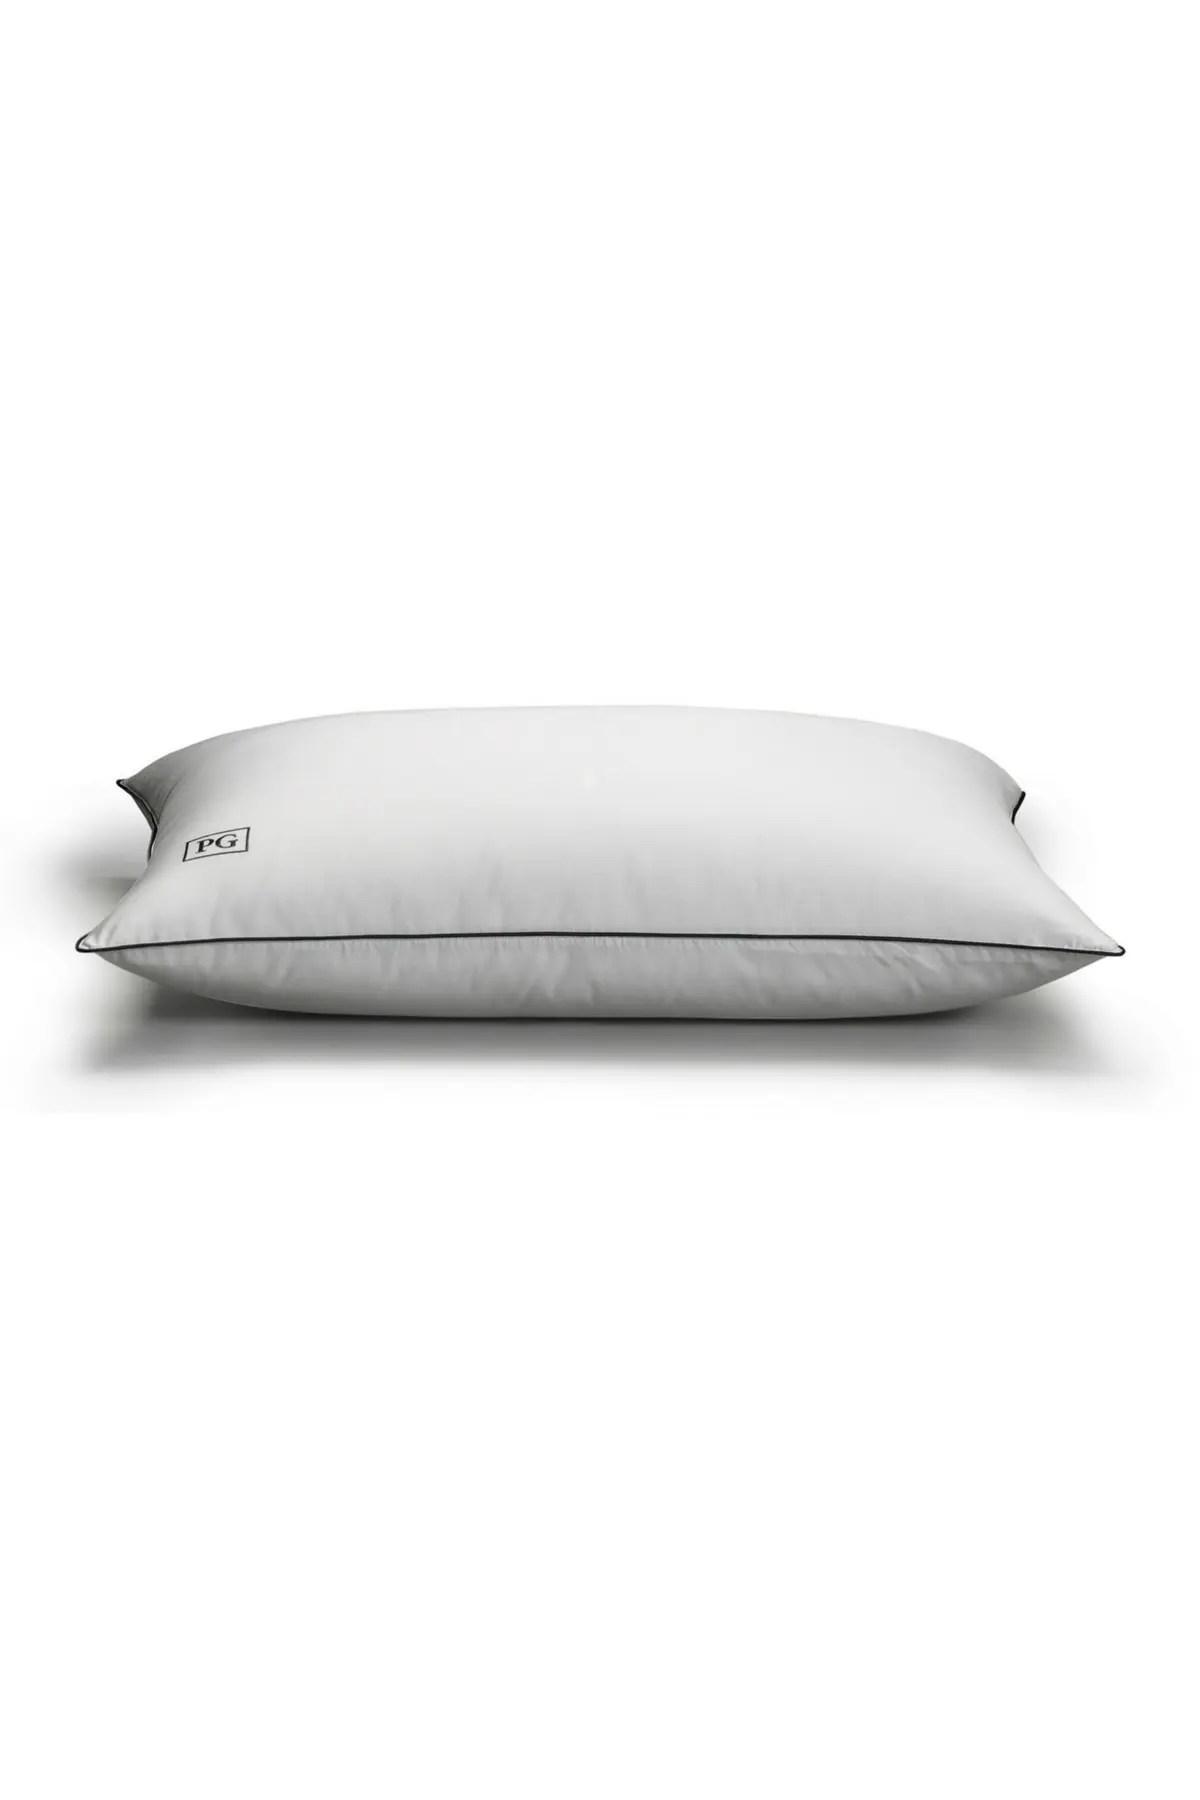 overstuffed king size pillows online